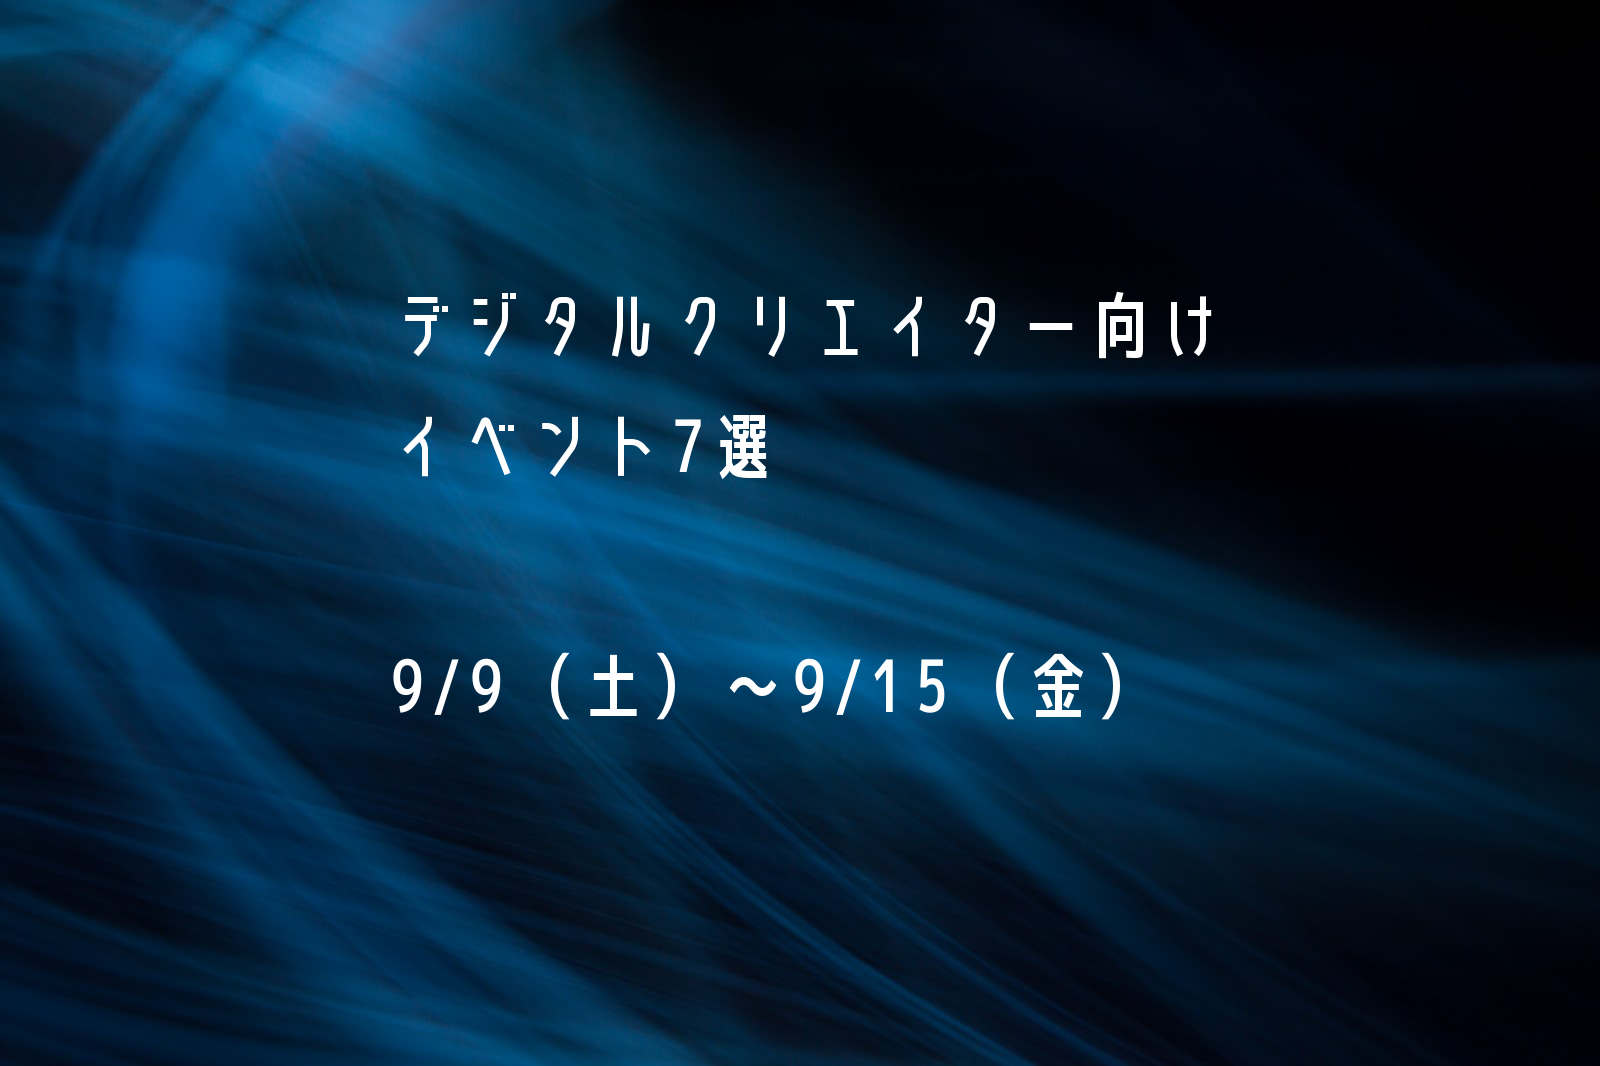 【デジタルクリエイター向け】9/9(土)〜9/15(金)のイベント7選